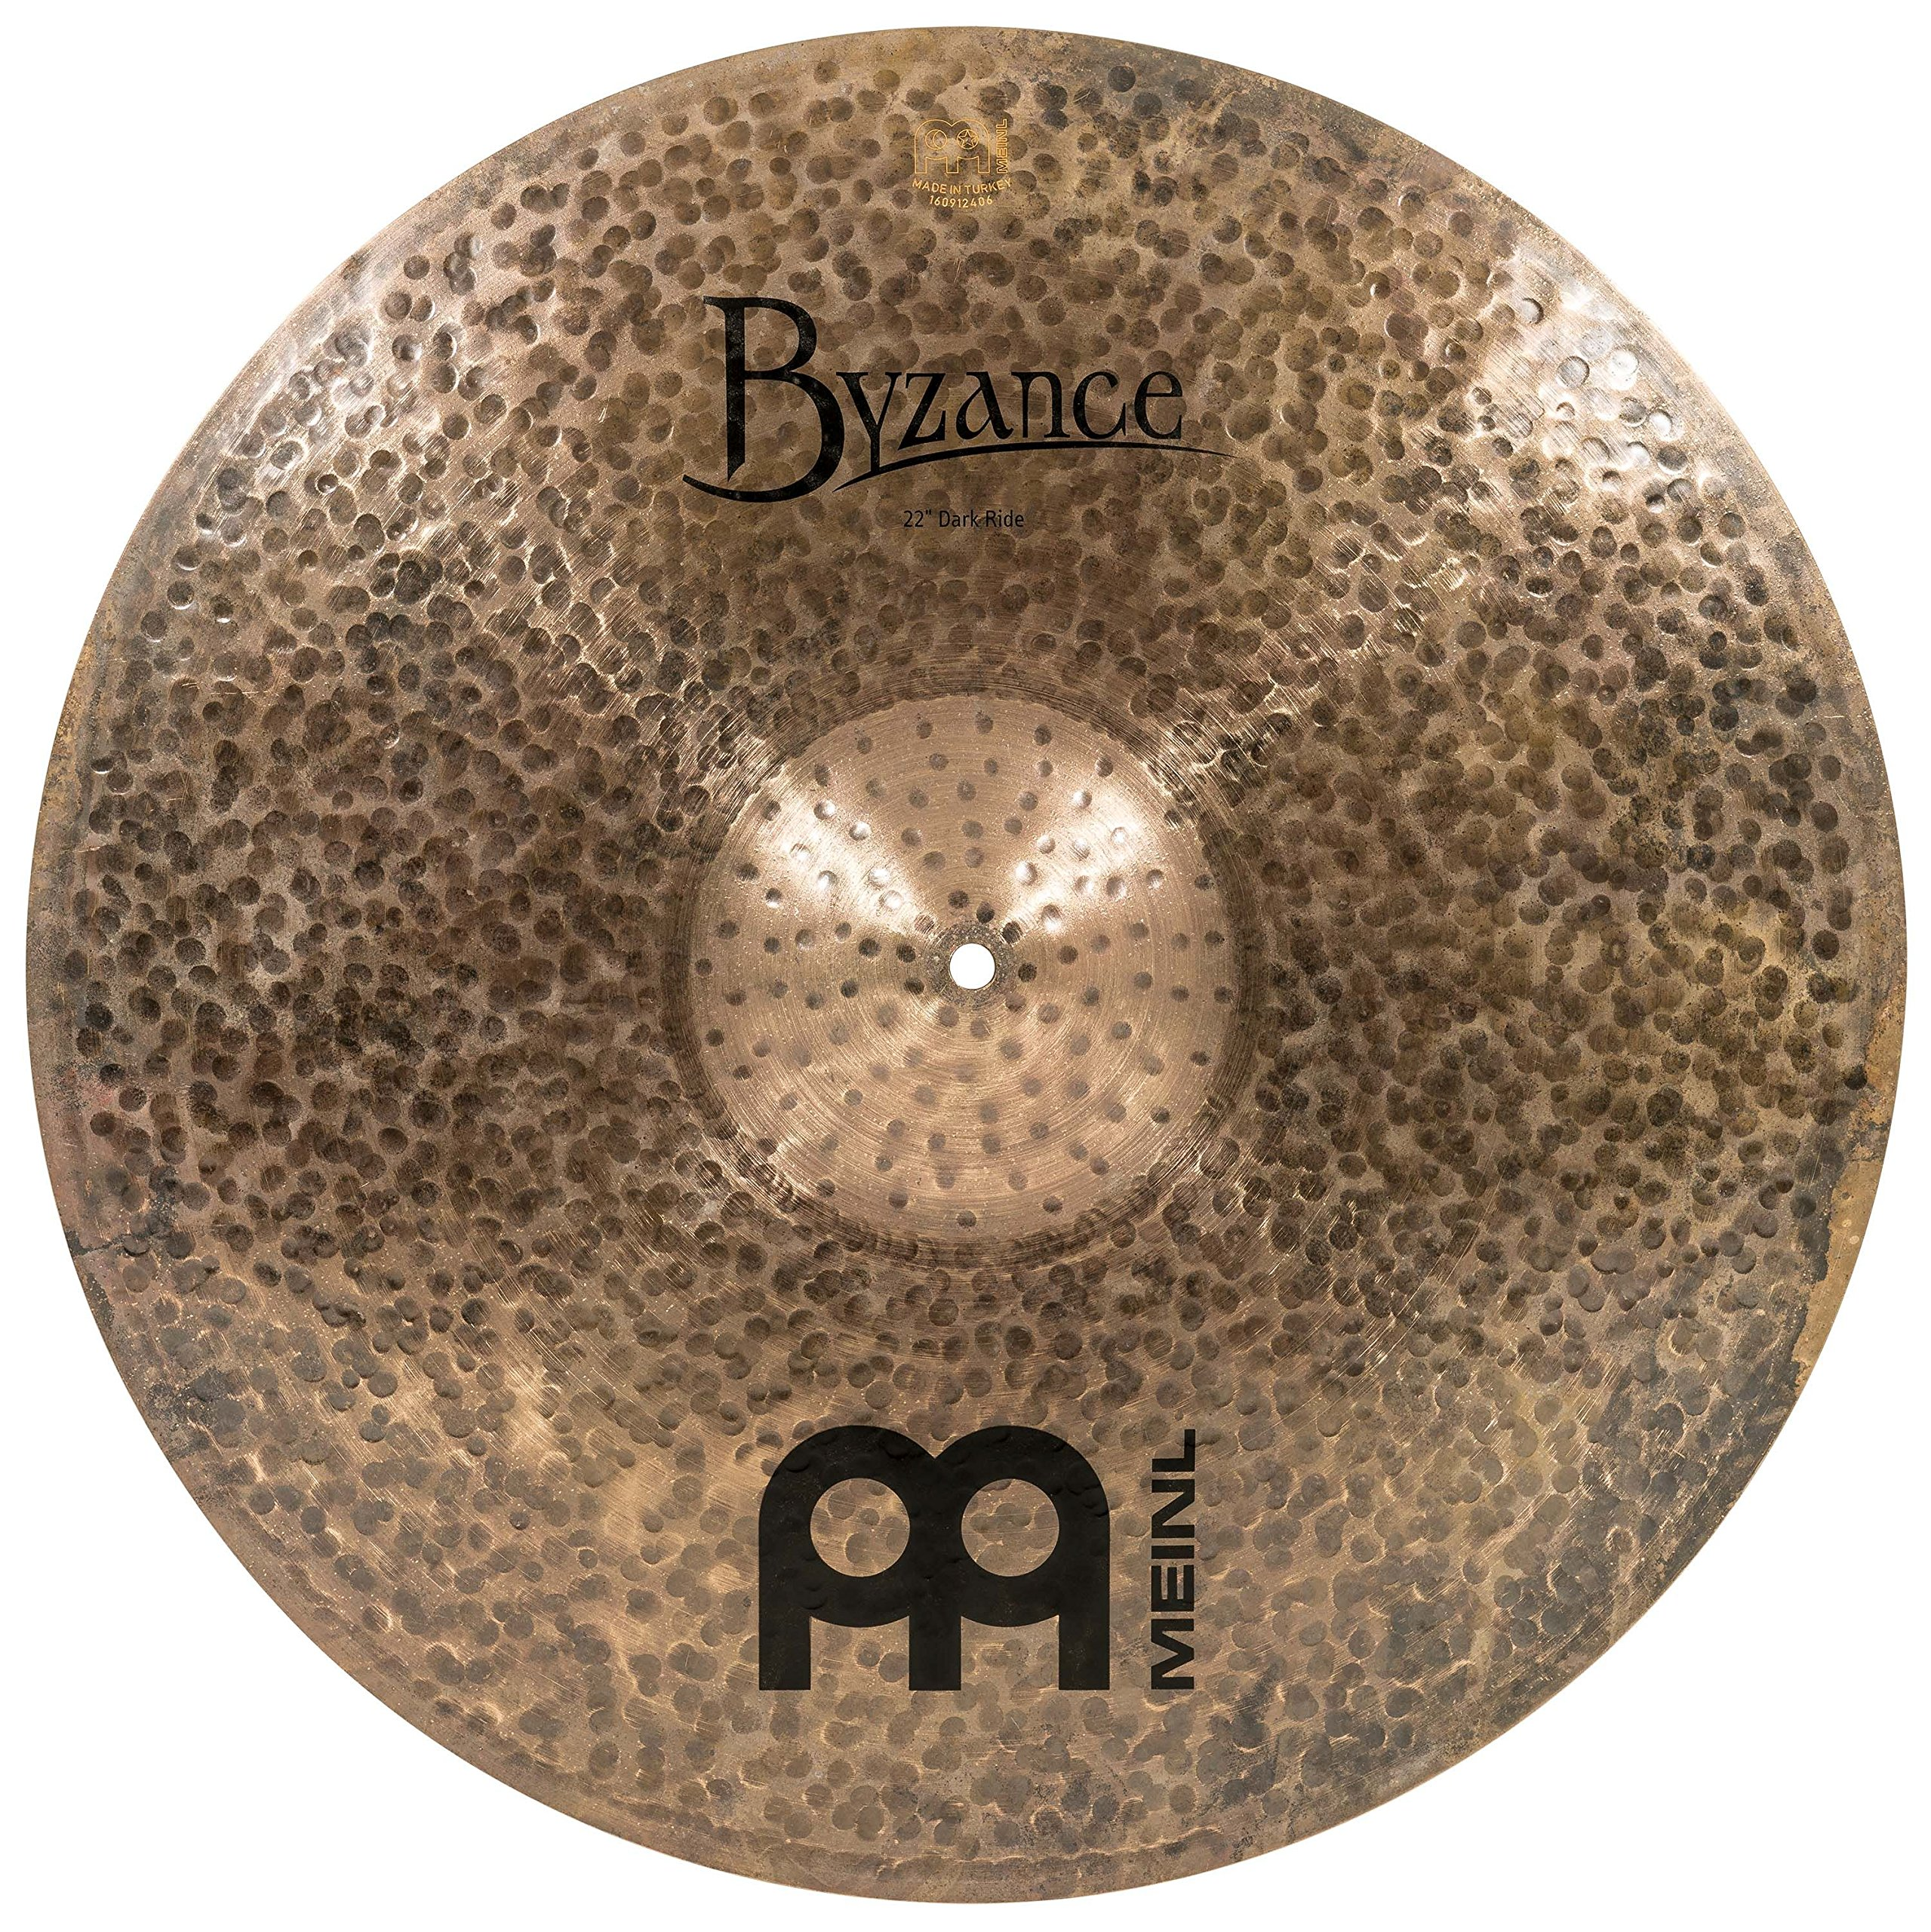 Meinl Cymbals B22DAR 22'' Byzance Dark Ride